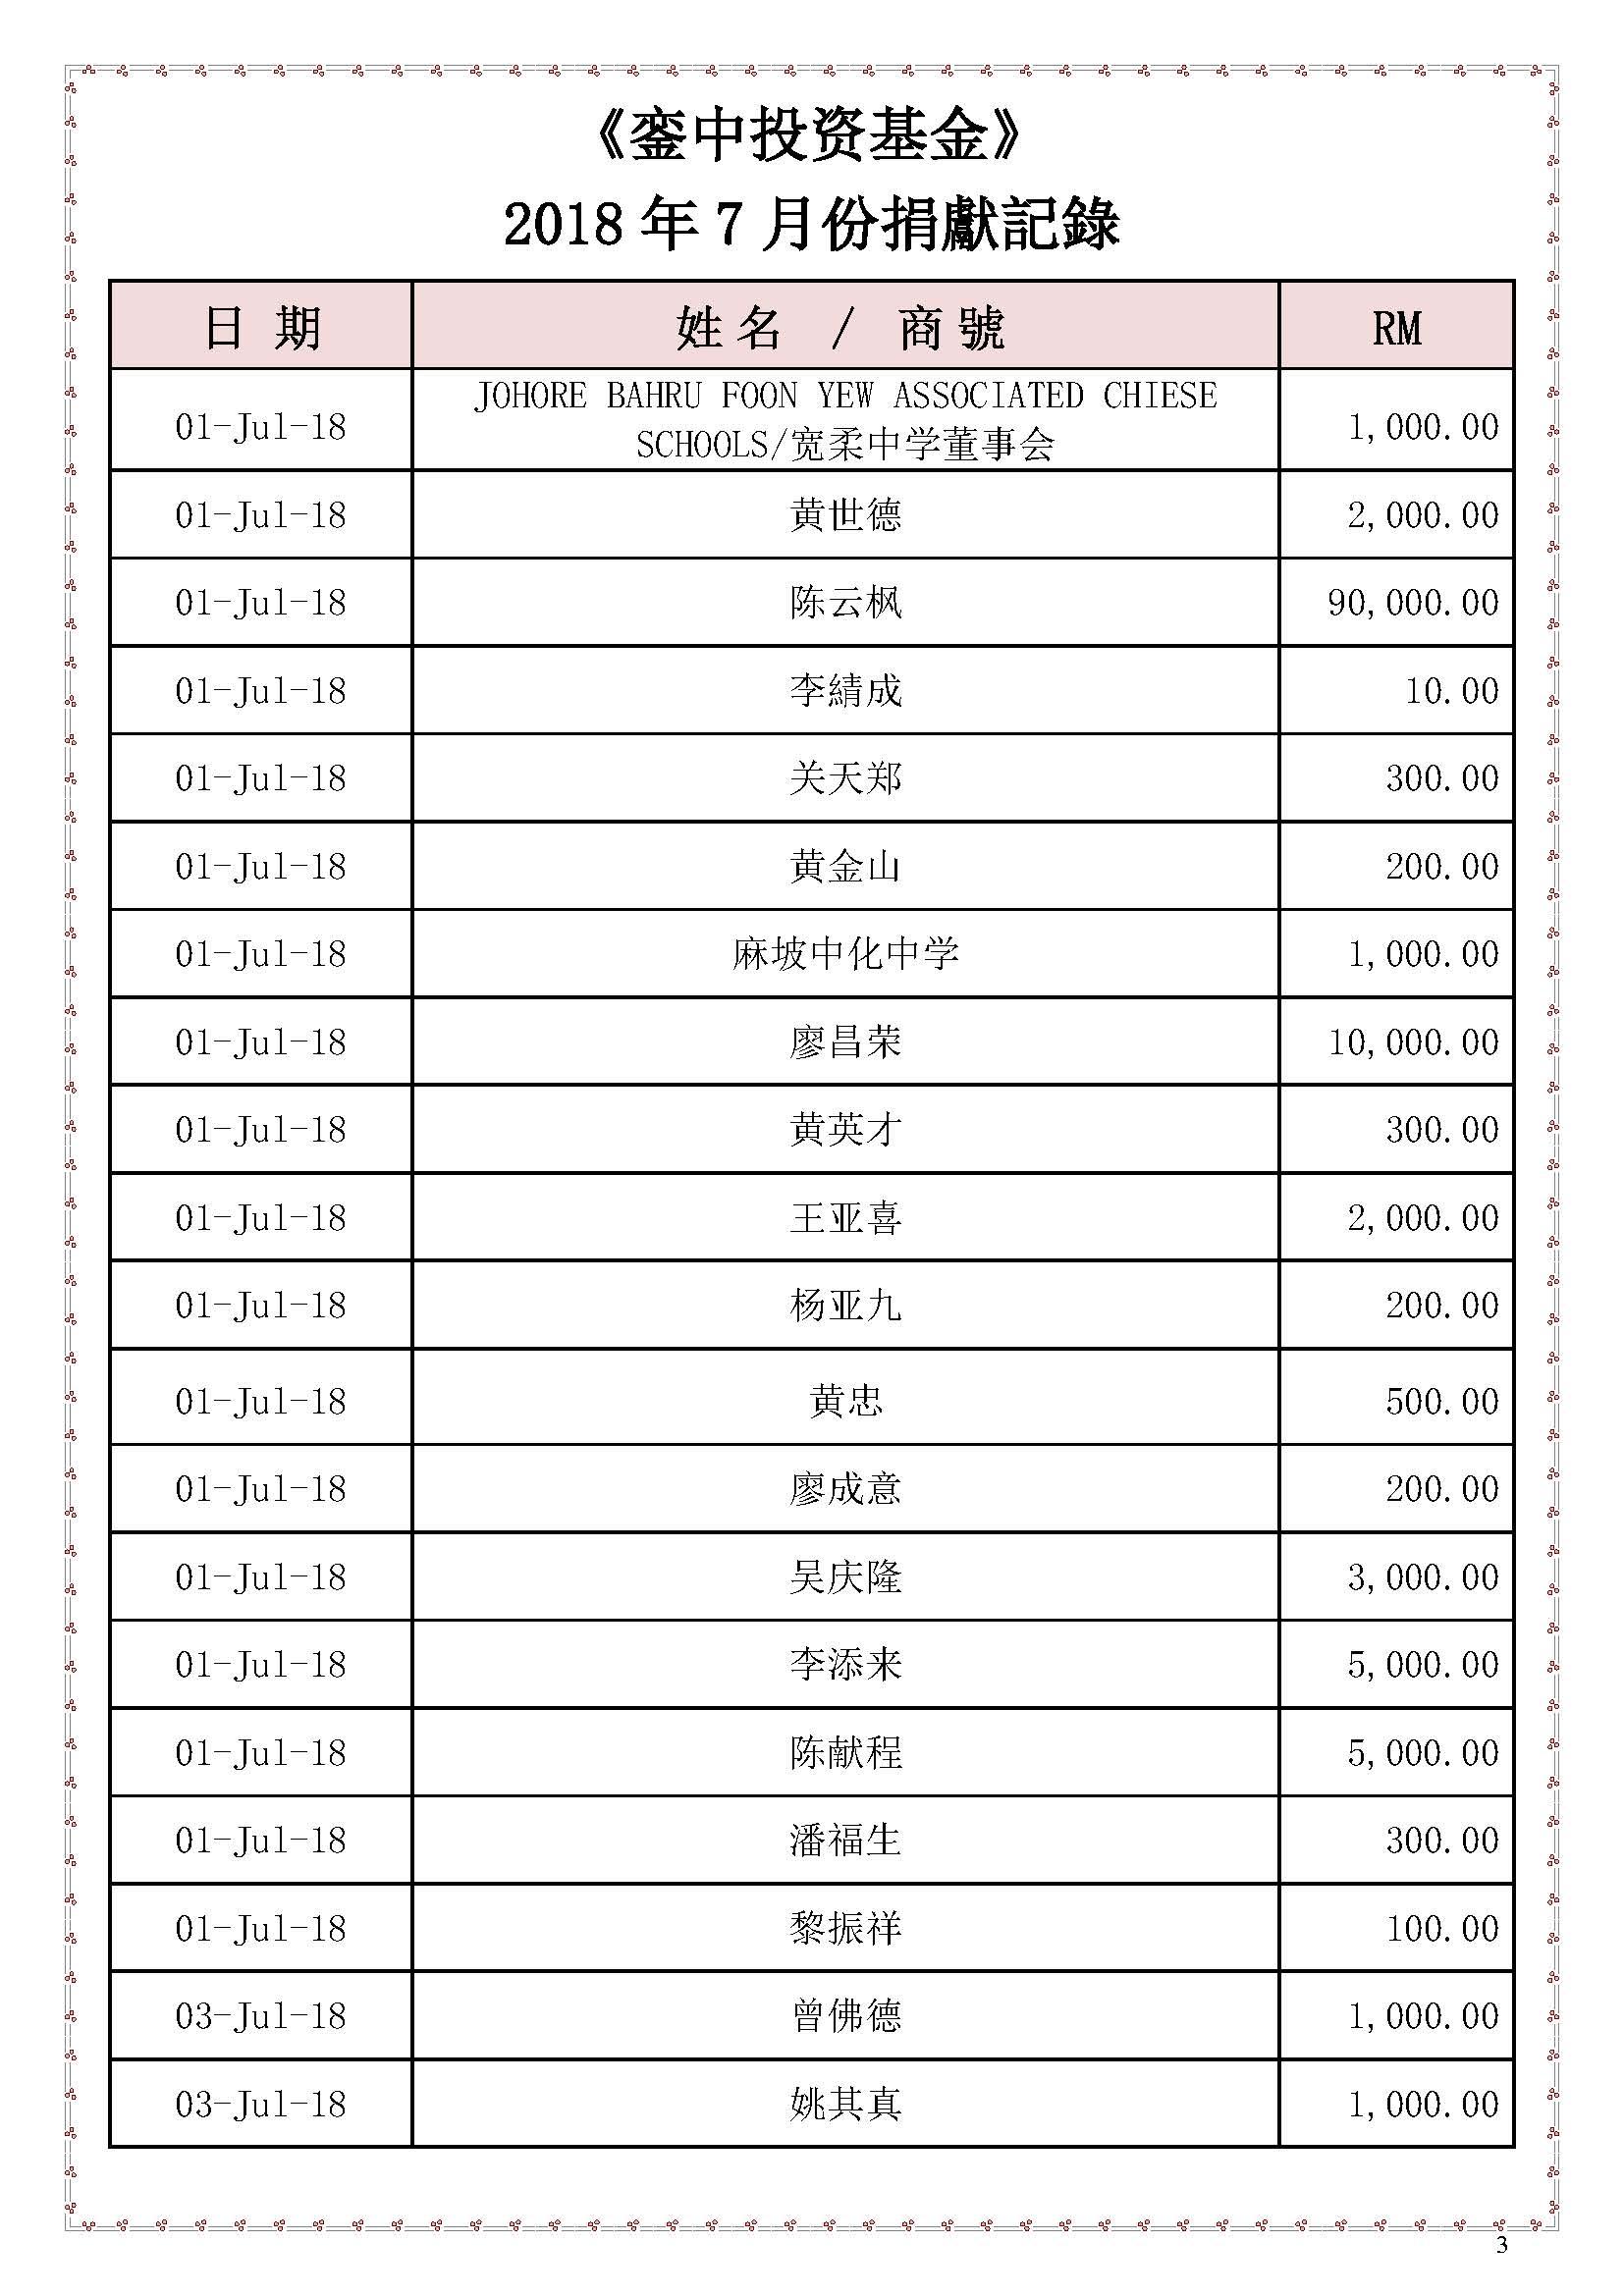 2018年7月份捐獻記錄_修改后_Page_03